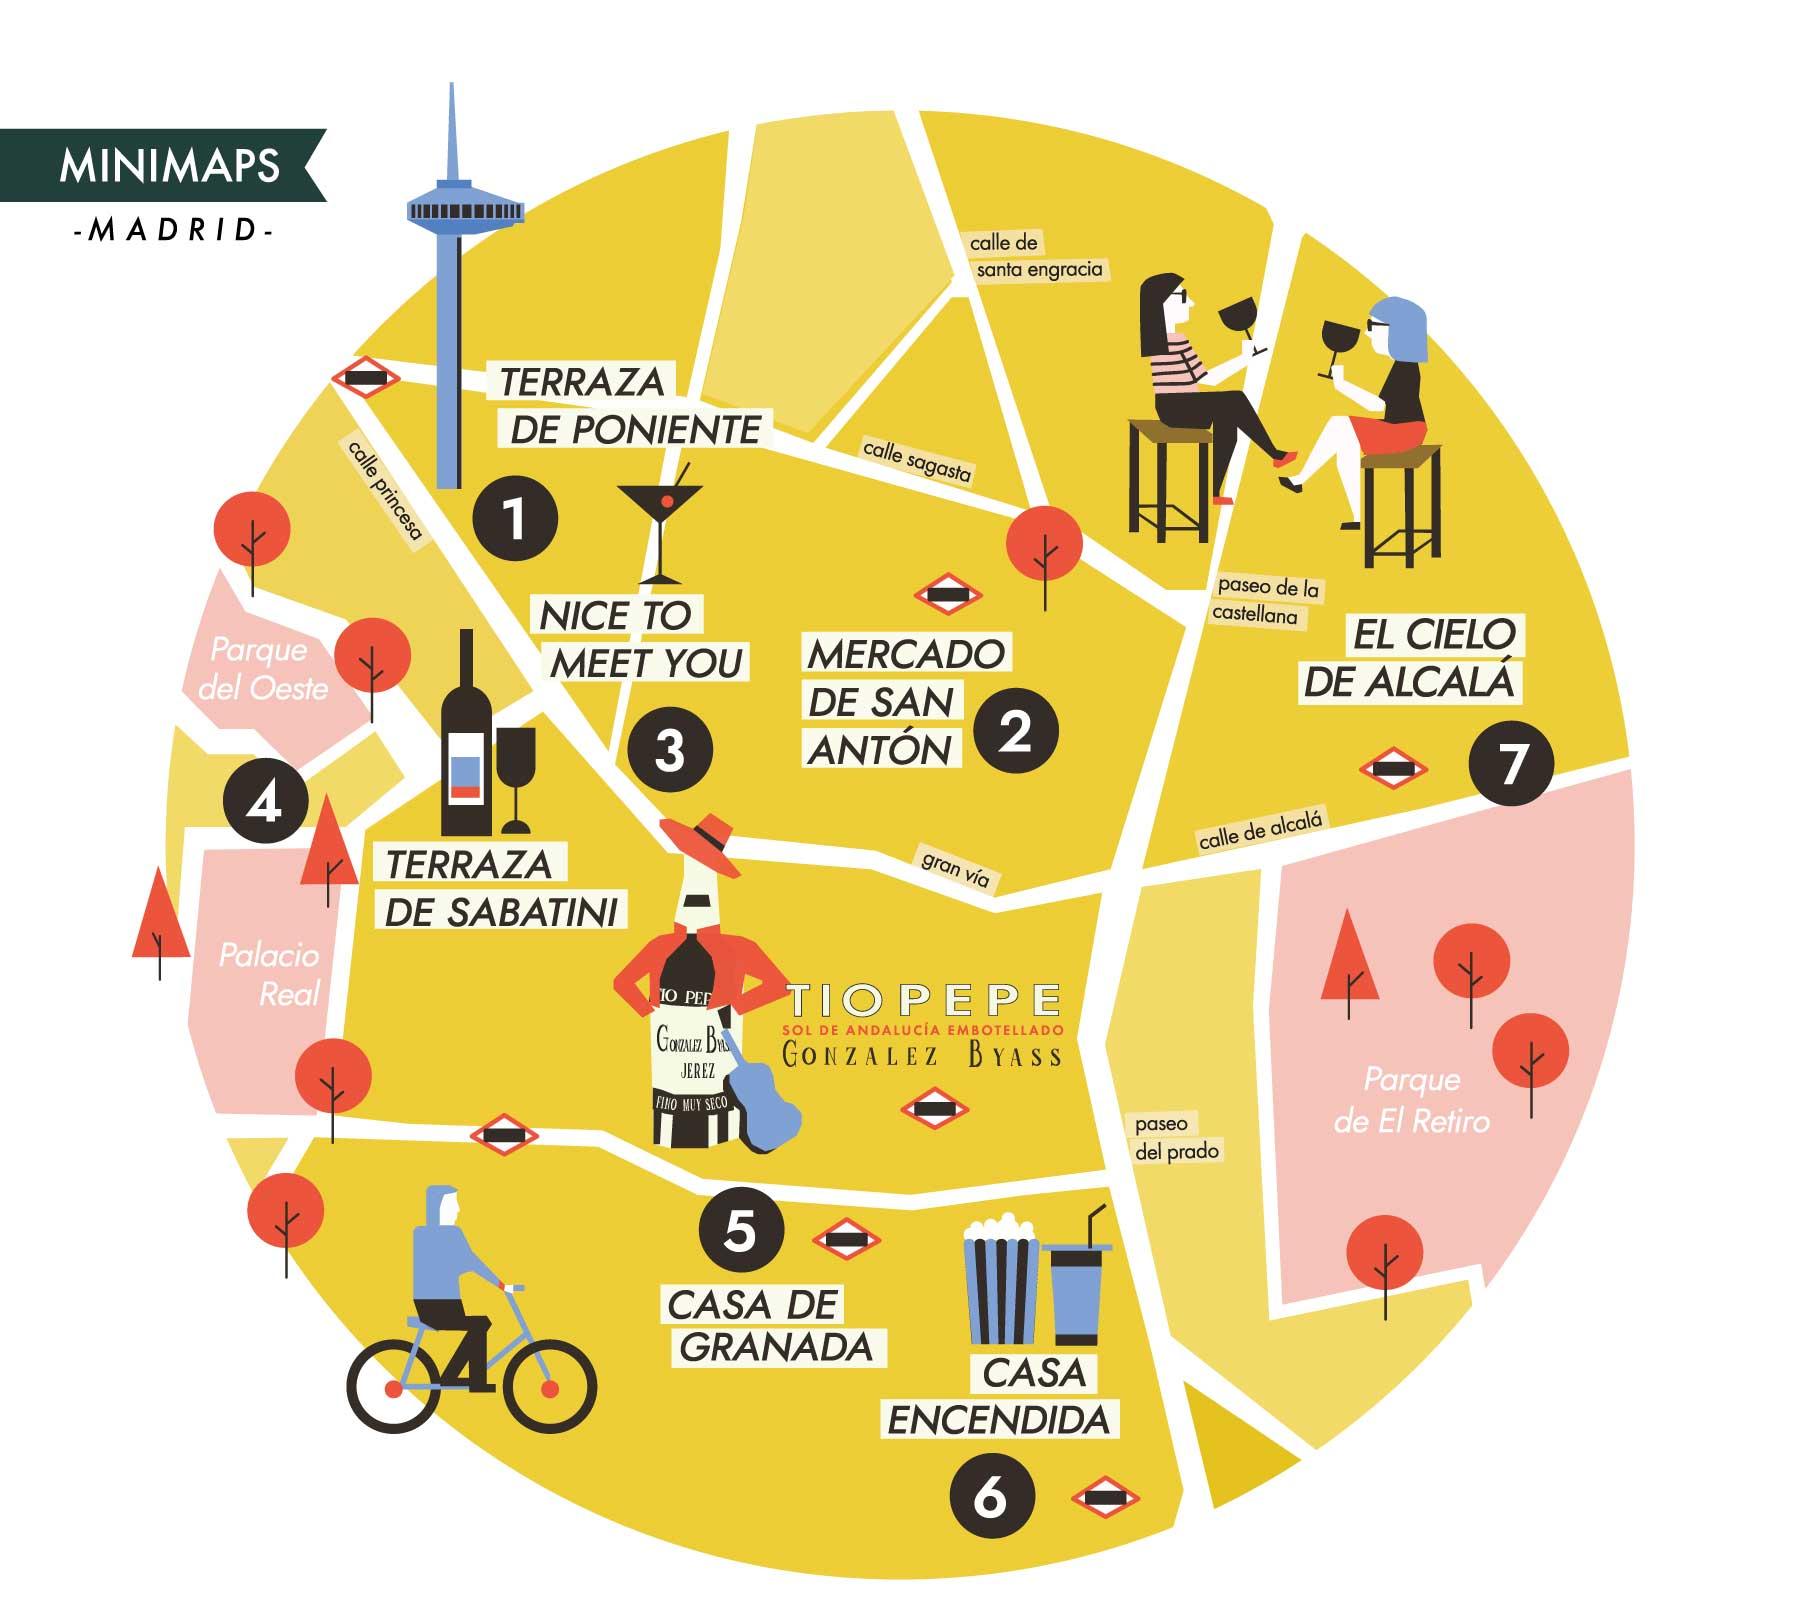 Madrid-Rooftops-Minimap-2019_PRINT